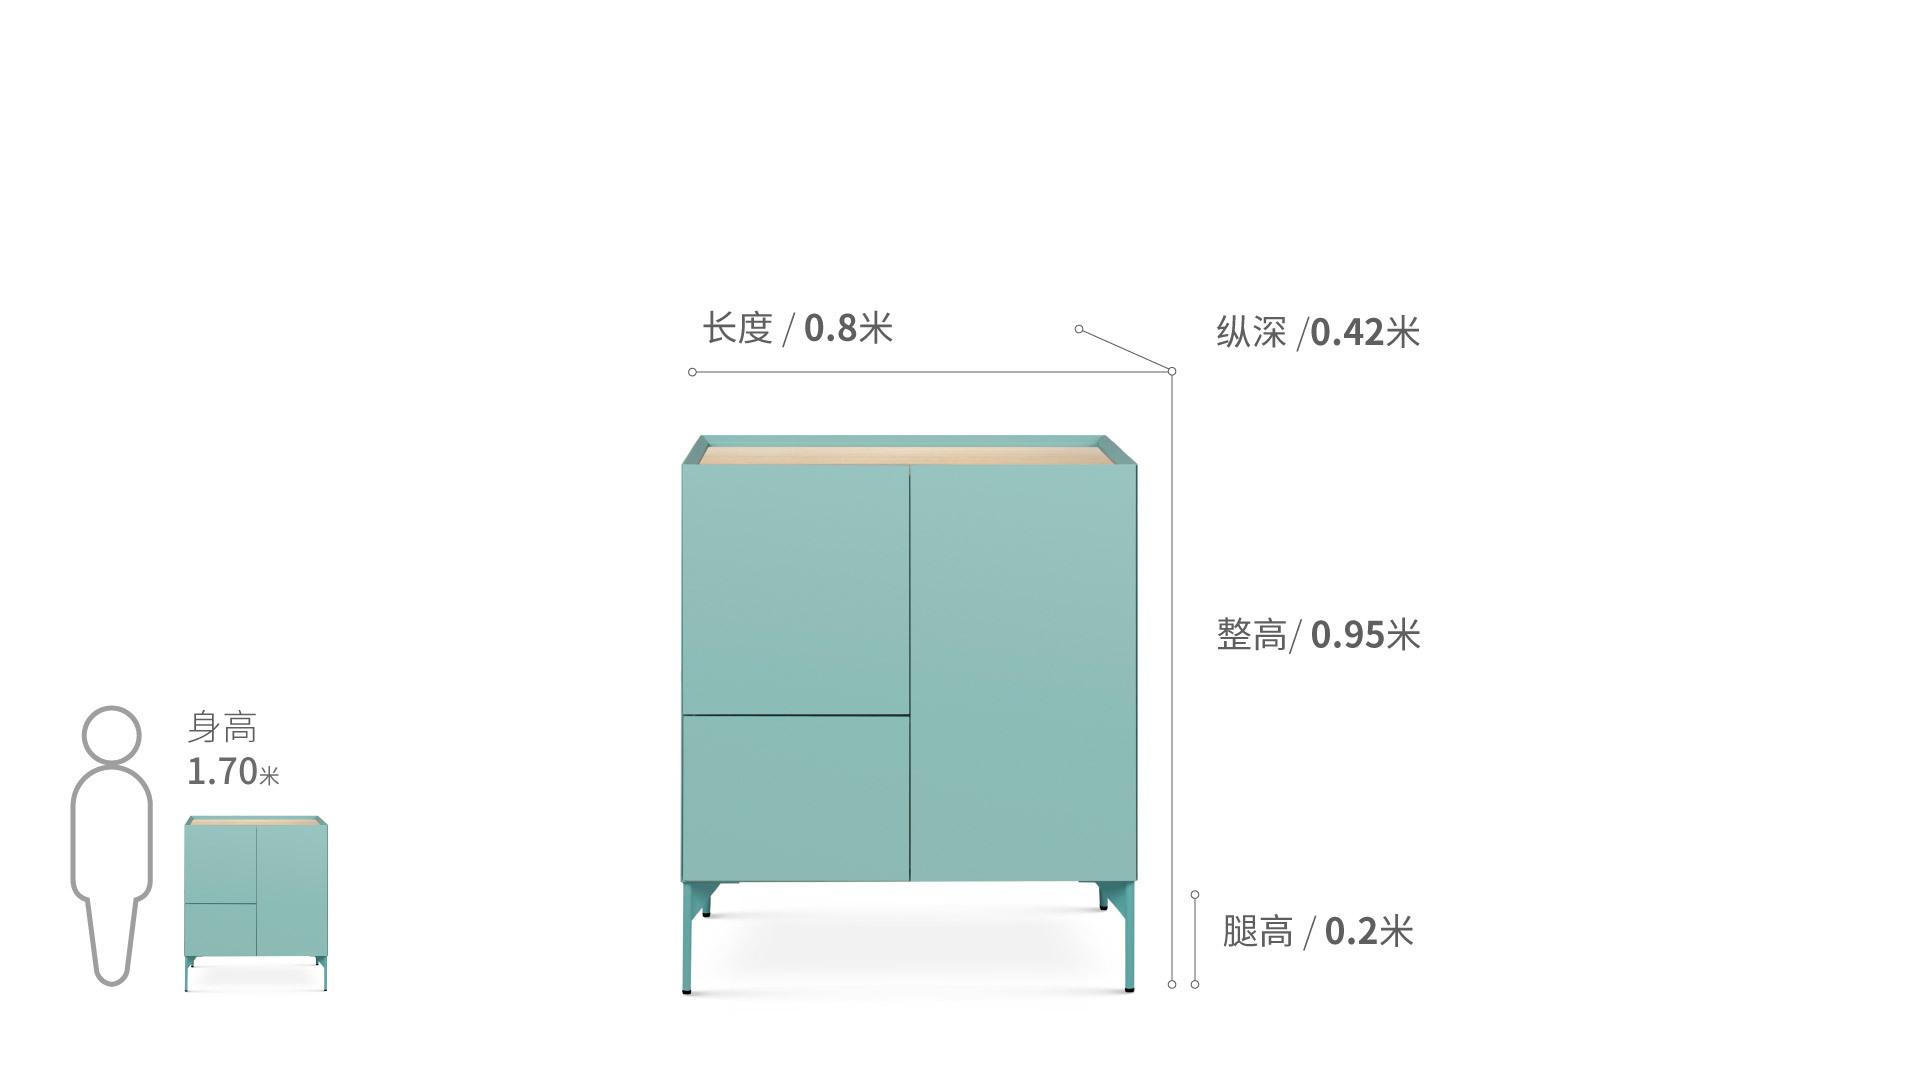 瓦格-中高柜柜架效果图